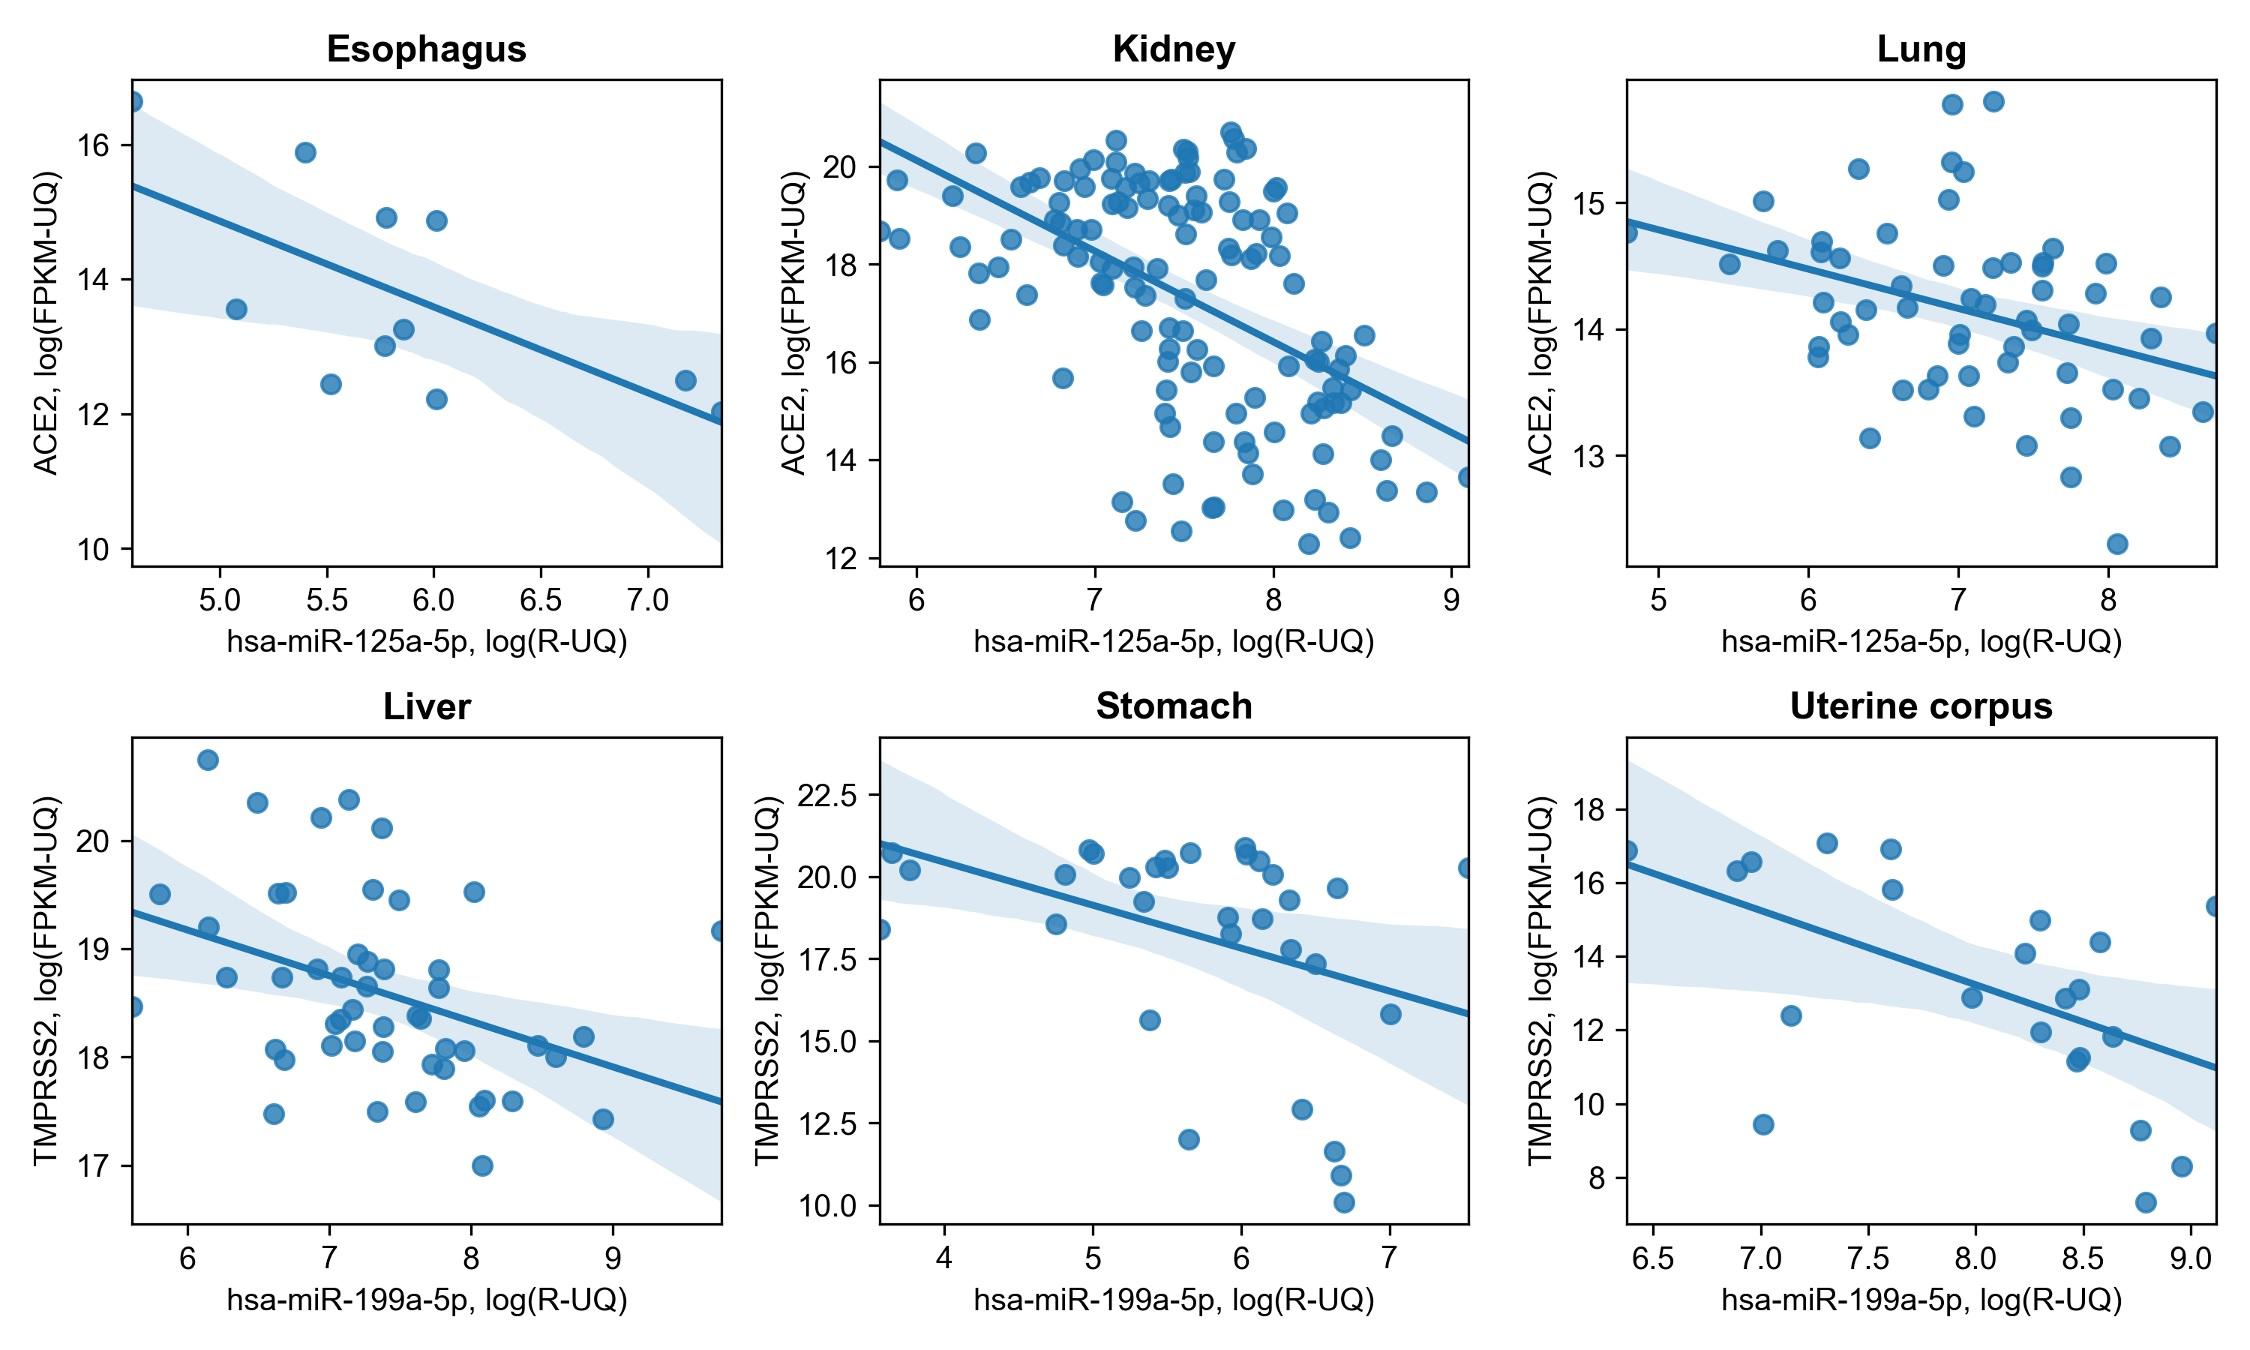 Некоторые из найденных взаимодействий. Чётко прослеживается обратная зависимость экспрессии ACE2 иTMPRSS2 от экспрессии молекул микроРНК.